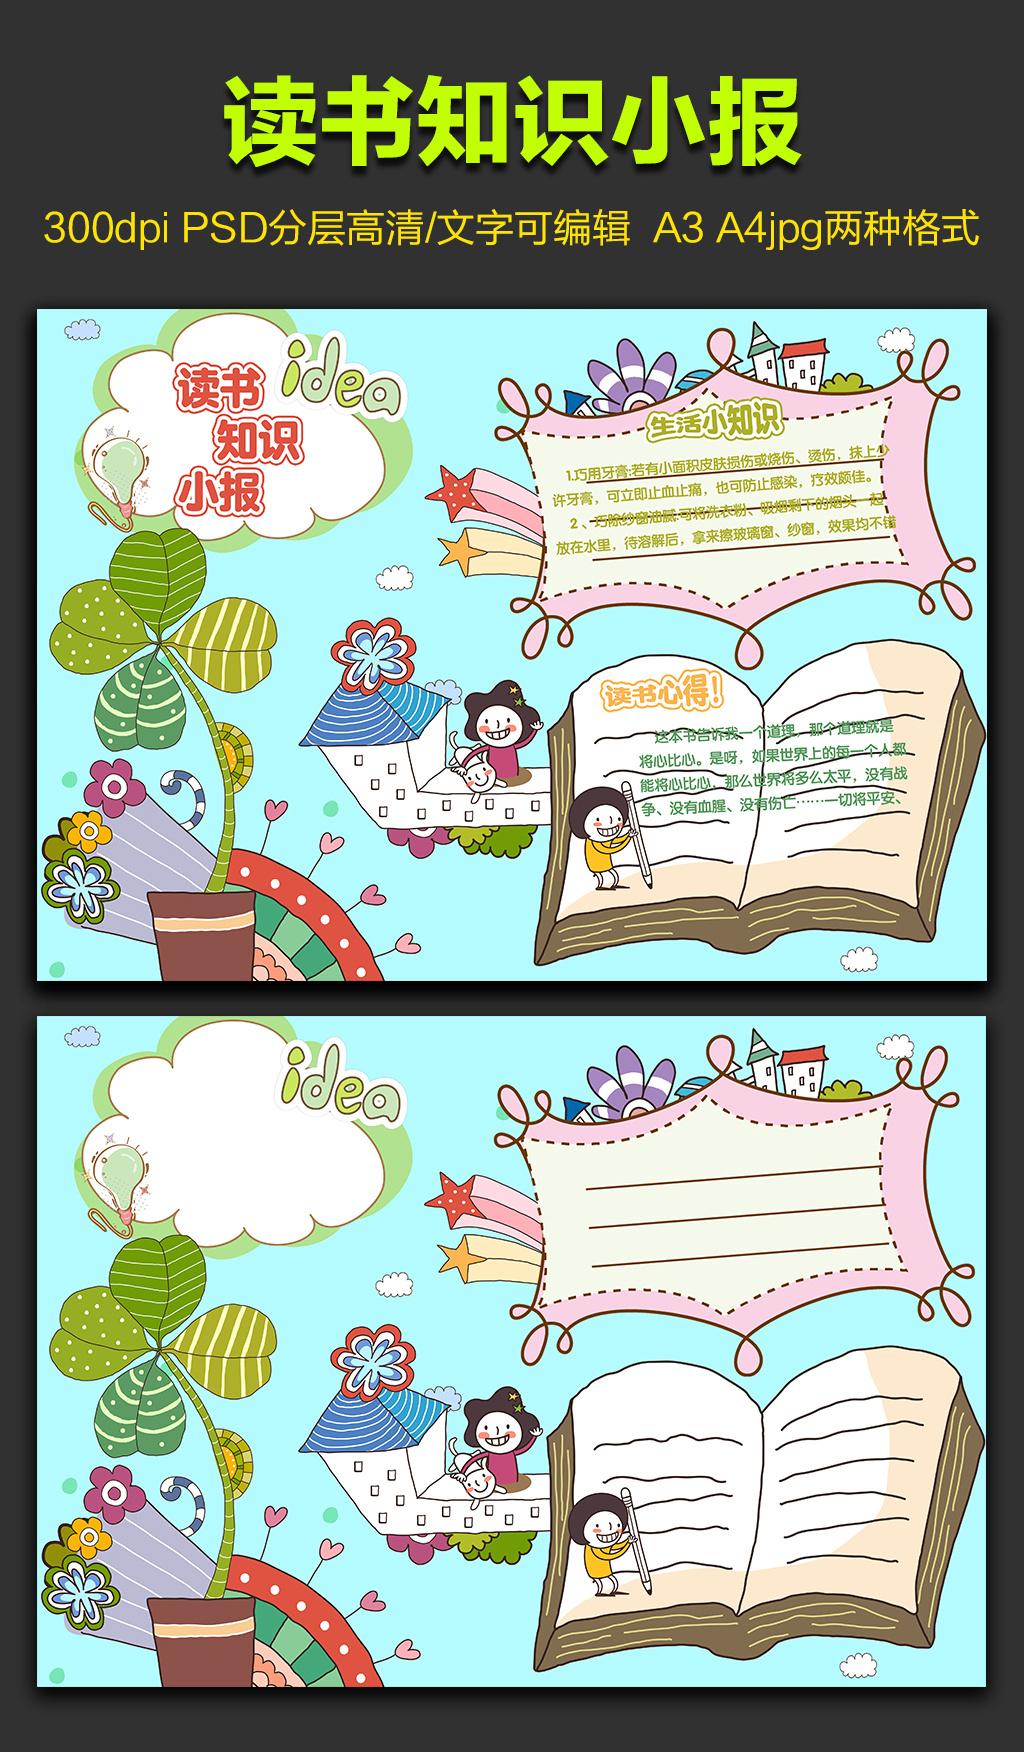 生儿童读书后感知识手抄小画报图片设计素材 高清其他模板下载 16.